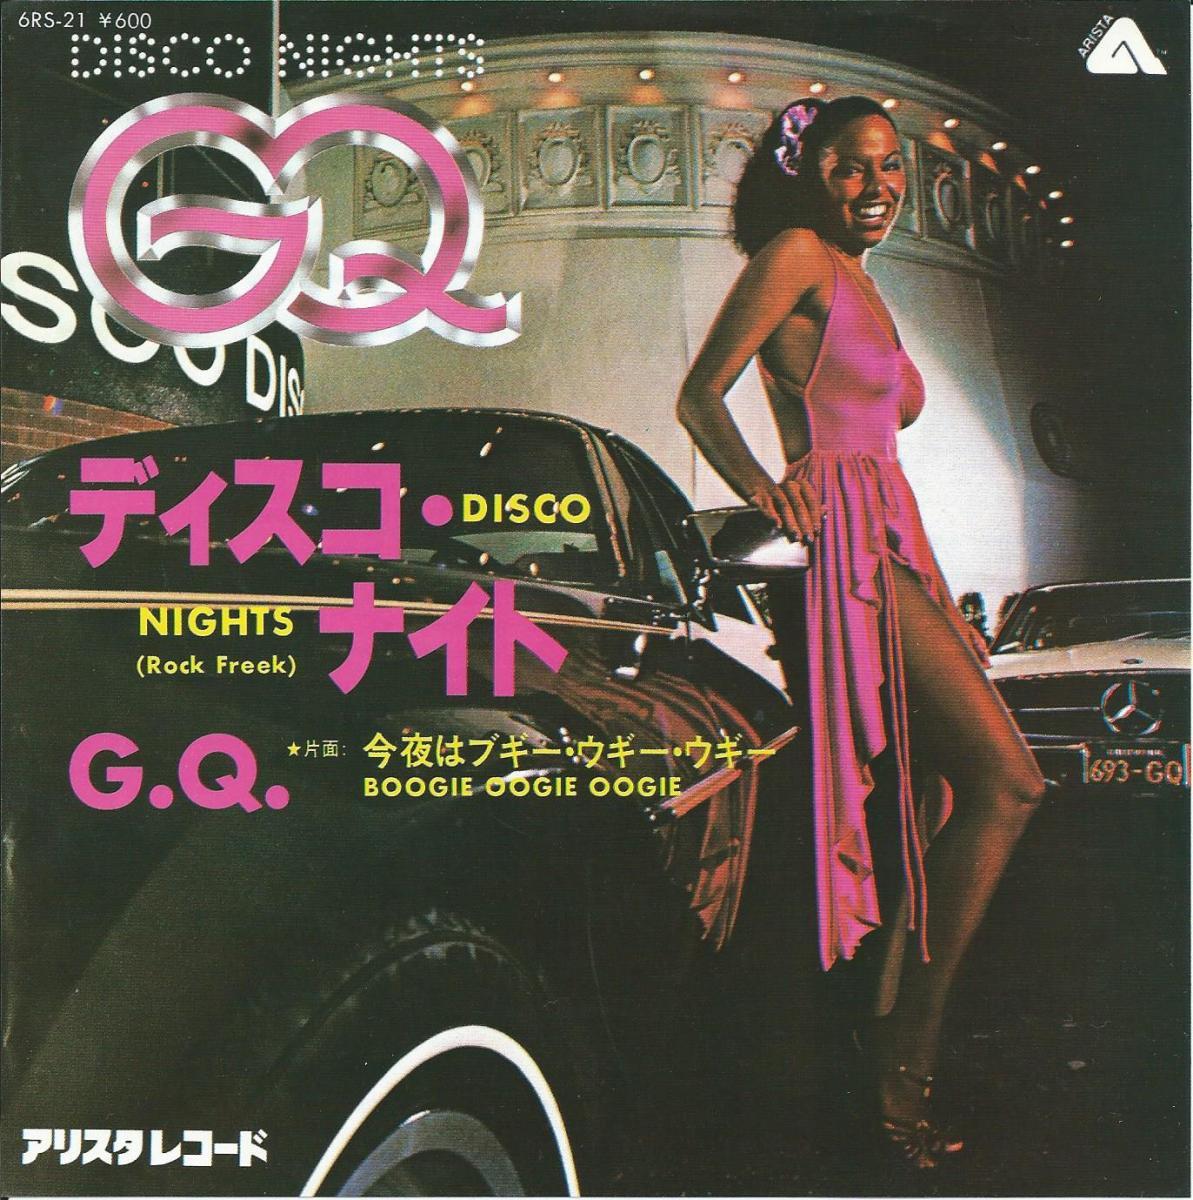 G.Q. / ディスコ・ナイト DISCO NIGHTS (ROCK FREEK) / 今夜はブギー・ウギー・ウギー (7